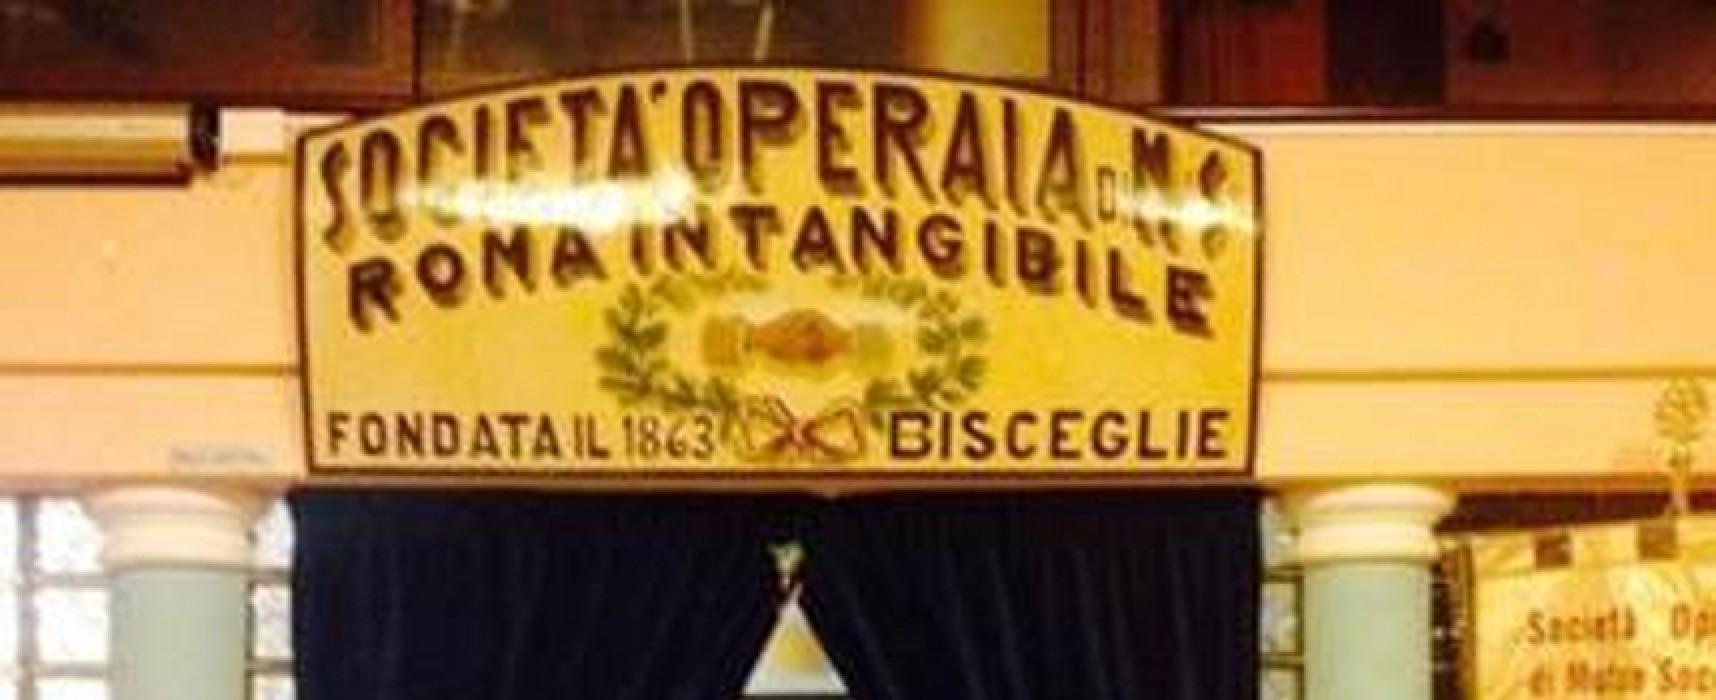 Don Francesco Dell'Orco e Salvatore Memeo presentano i loro ultimi libri